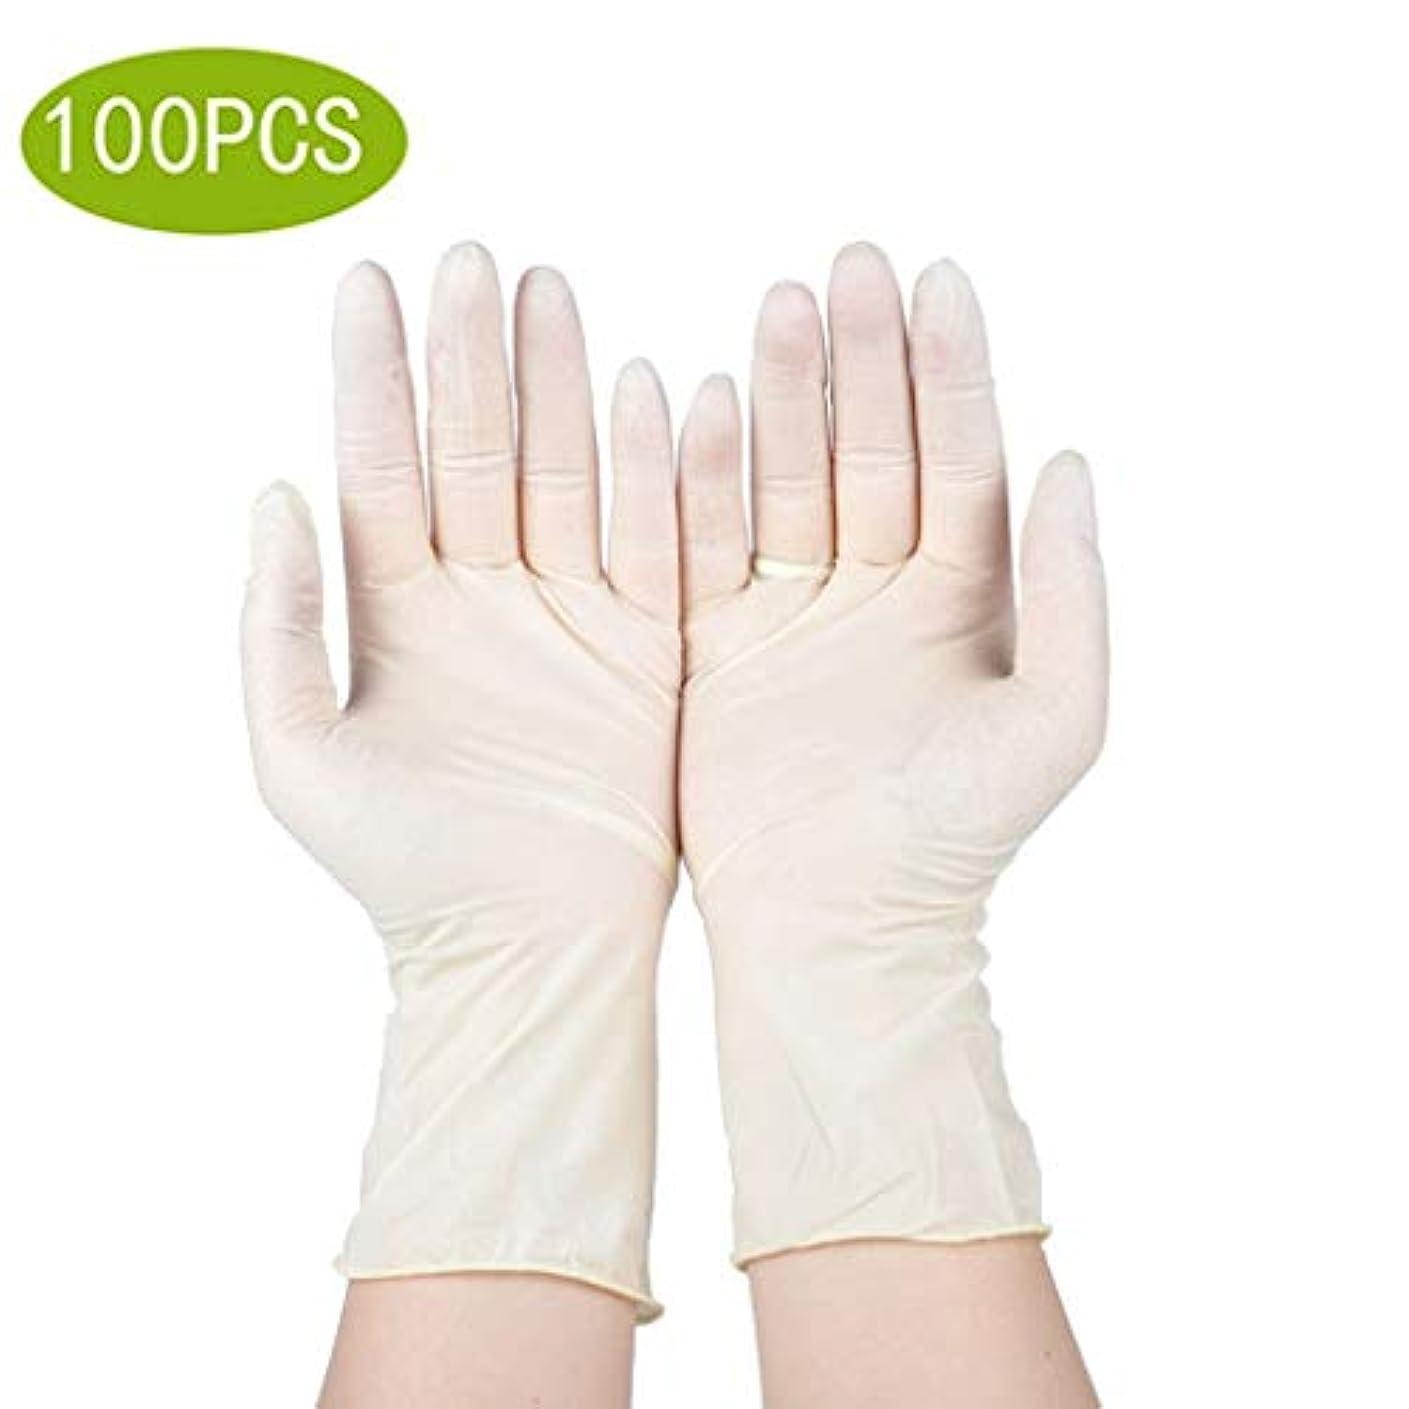 主許容できる小道ニトリル手袋義務使い捨てビニール手袋、100カウント、特大 - パウダーフリー、両性、極度の快適さ、特別に強く、丈夫で伸縮性がある、医療、食品、マルチユース (Color : Latex Gloves, Size : M)